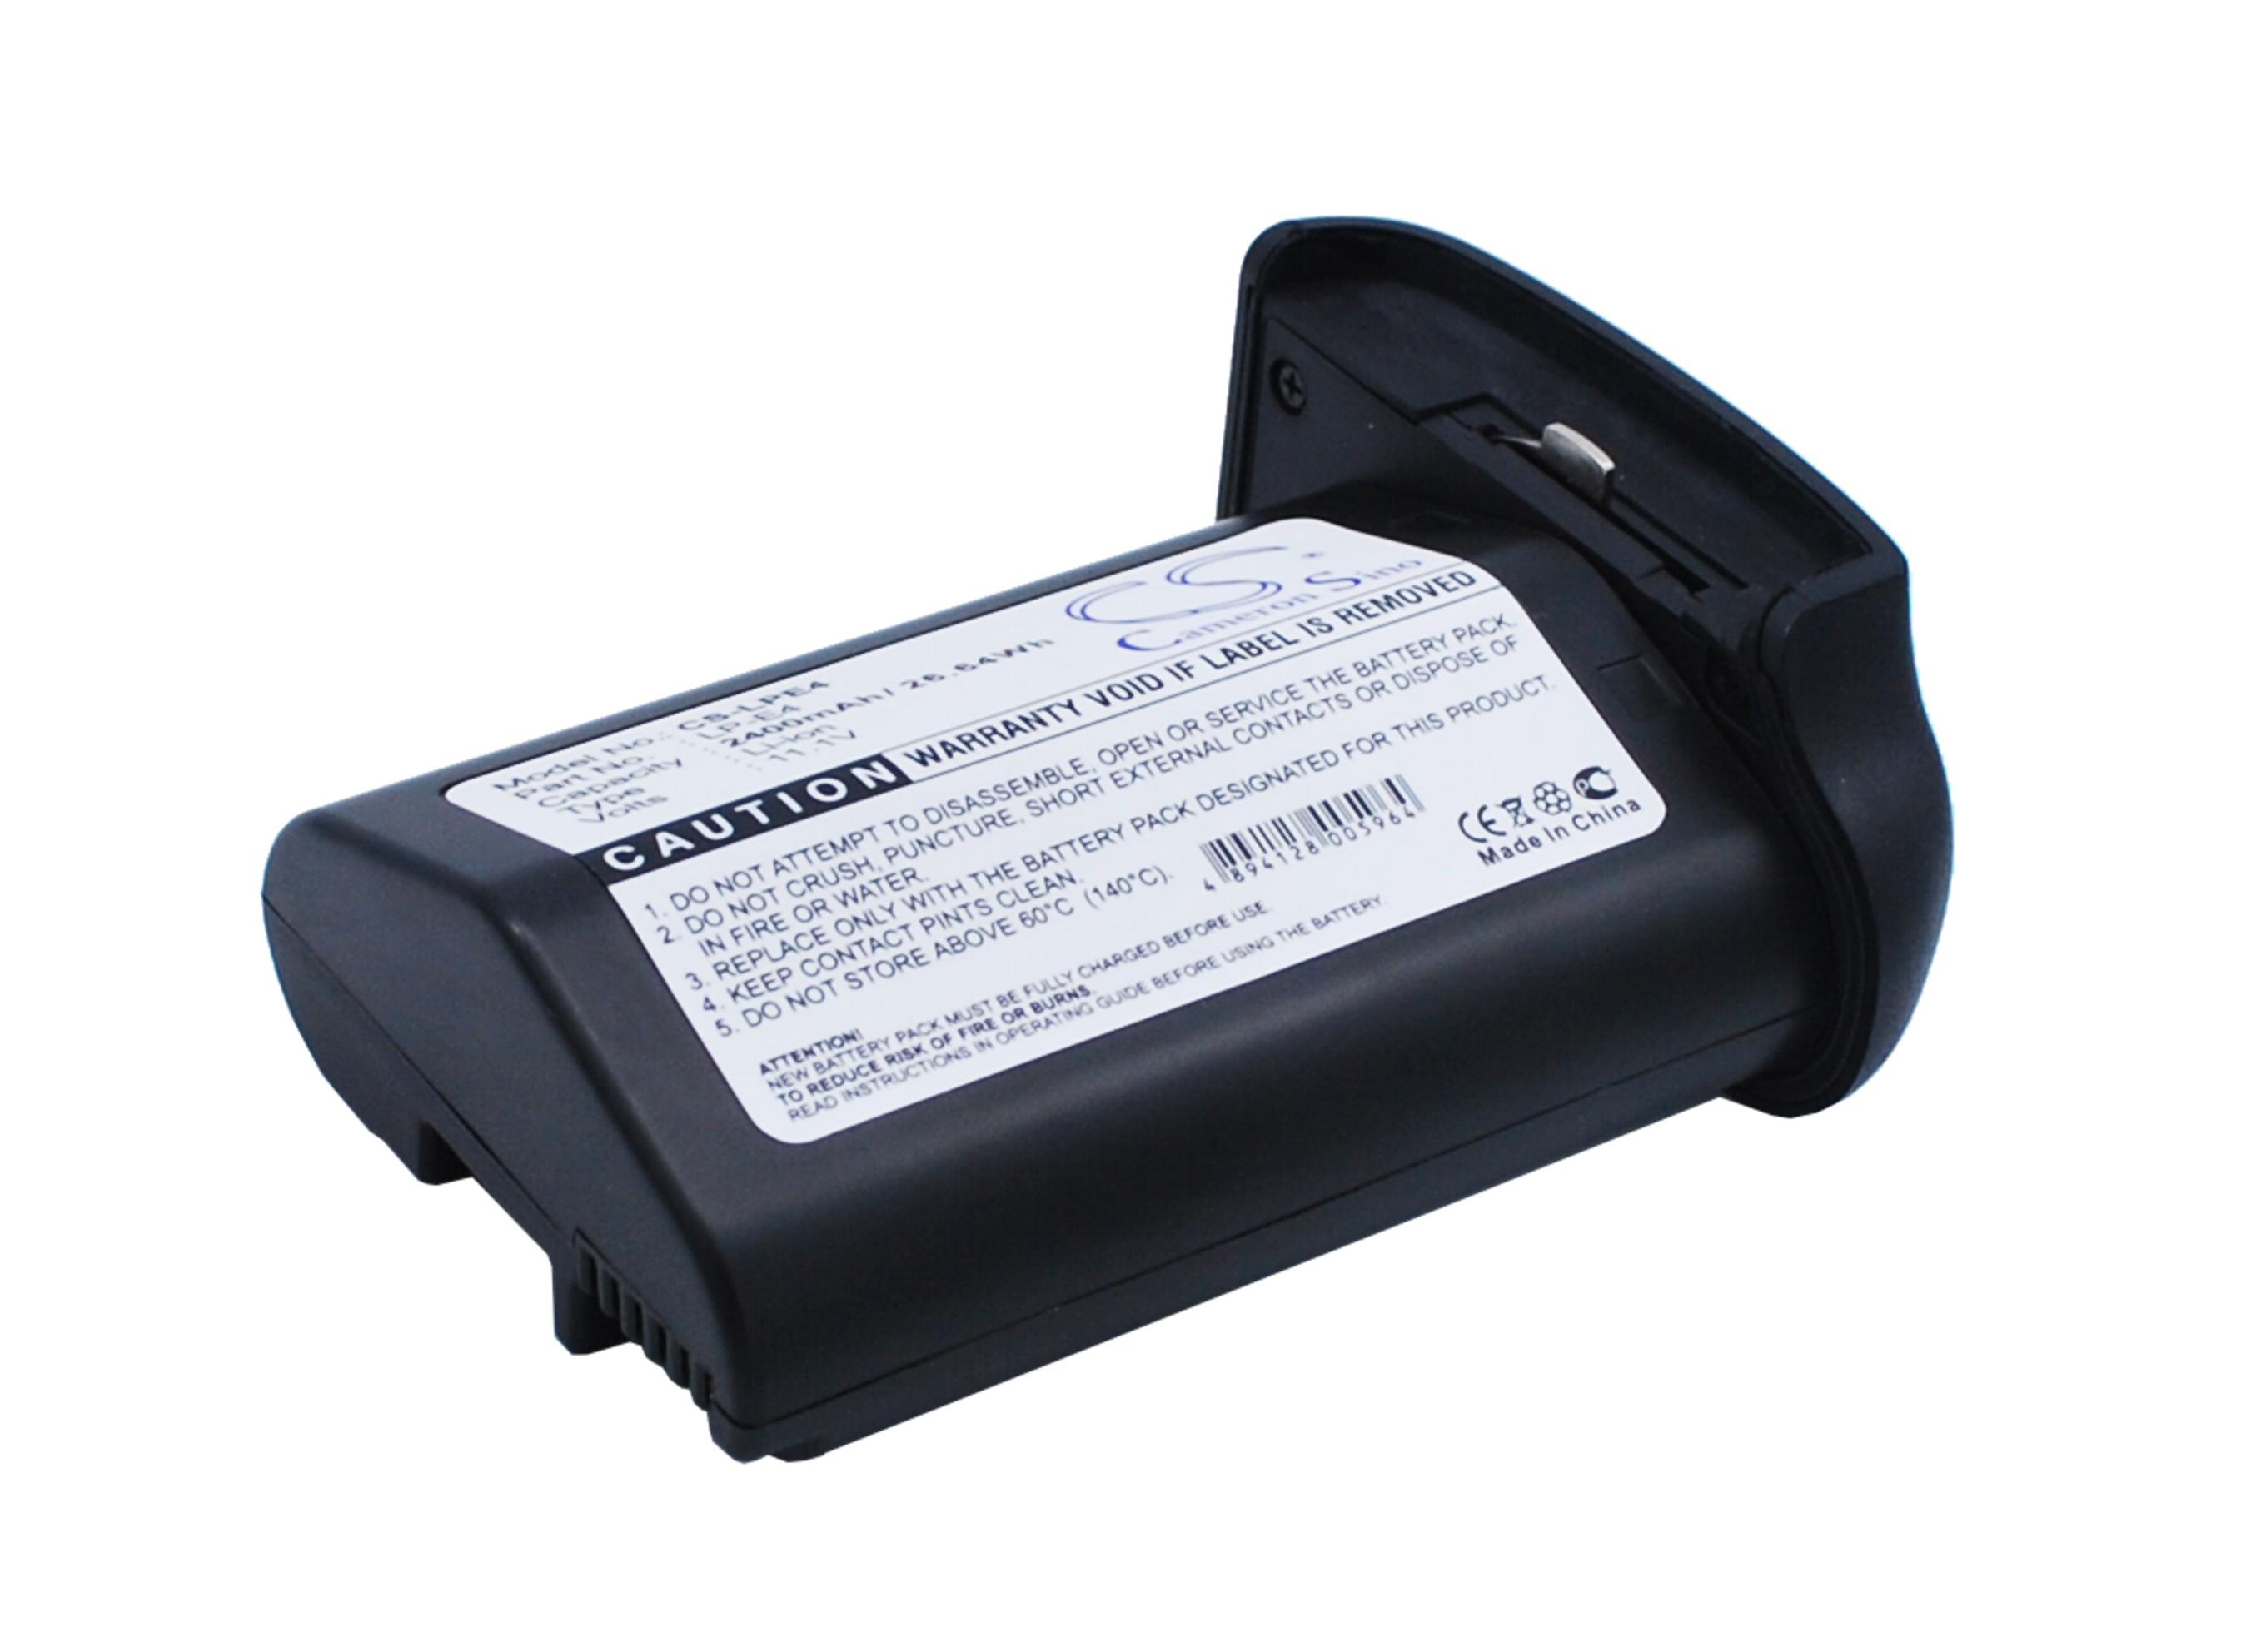 Cameron Sino baterie do kamer a fotoaparátů pro CANON 580EX 11.1V Li-ion 2400mAh černá - neoriginální